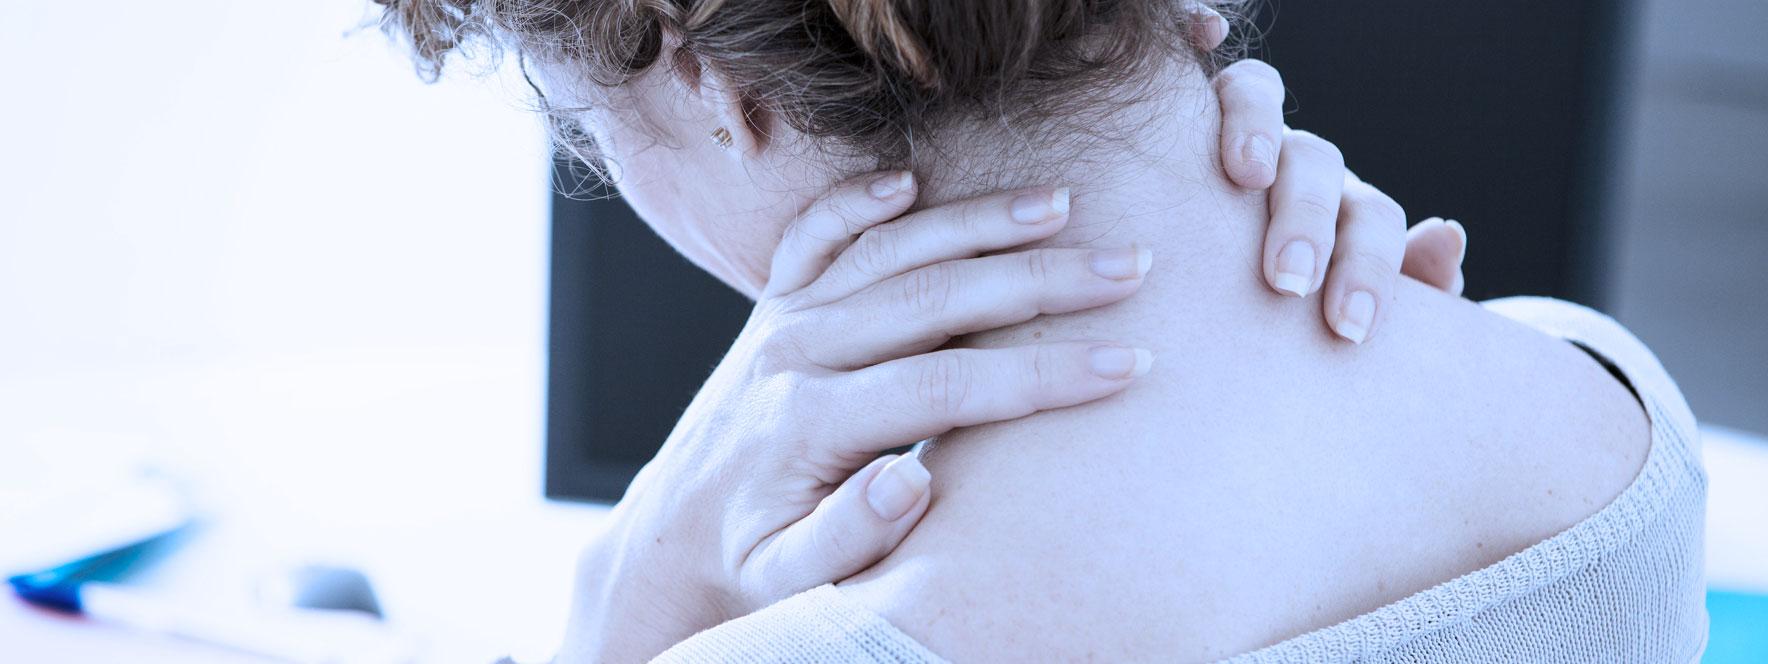 Douleur vs douleur chronique massothérapie blogue du Réseau